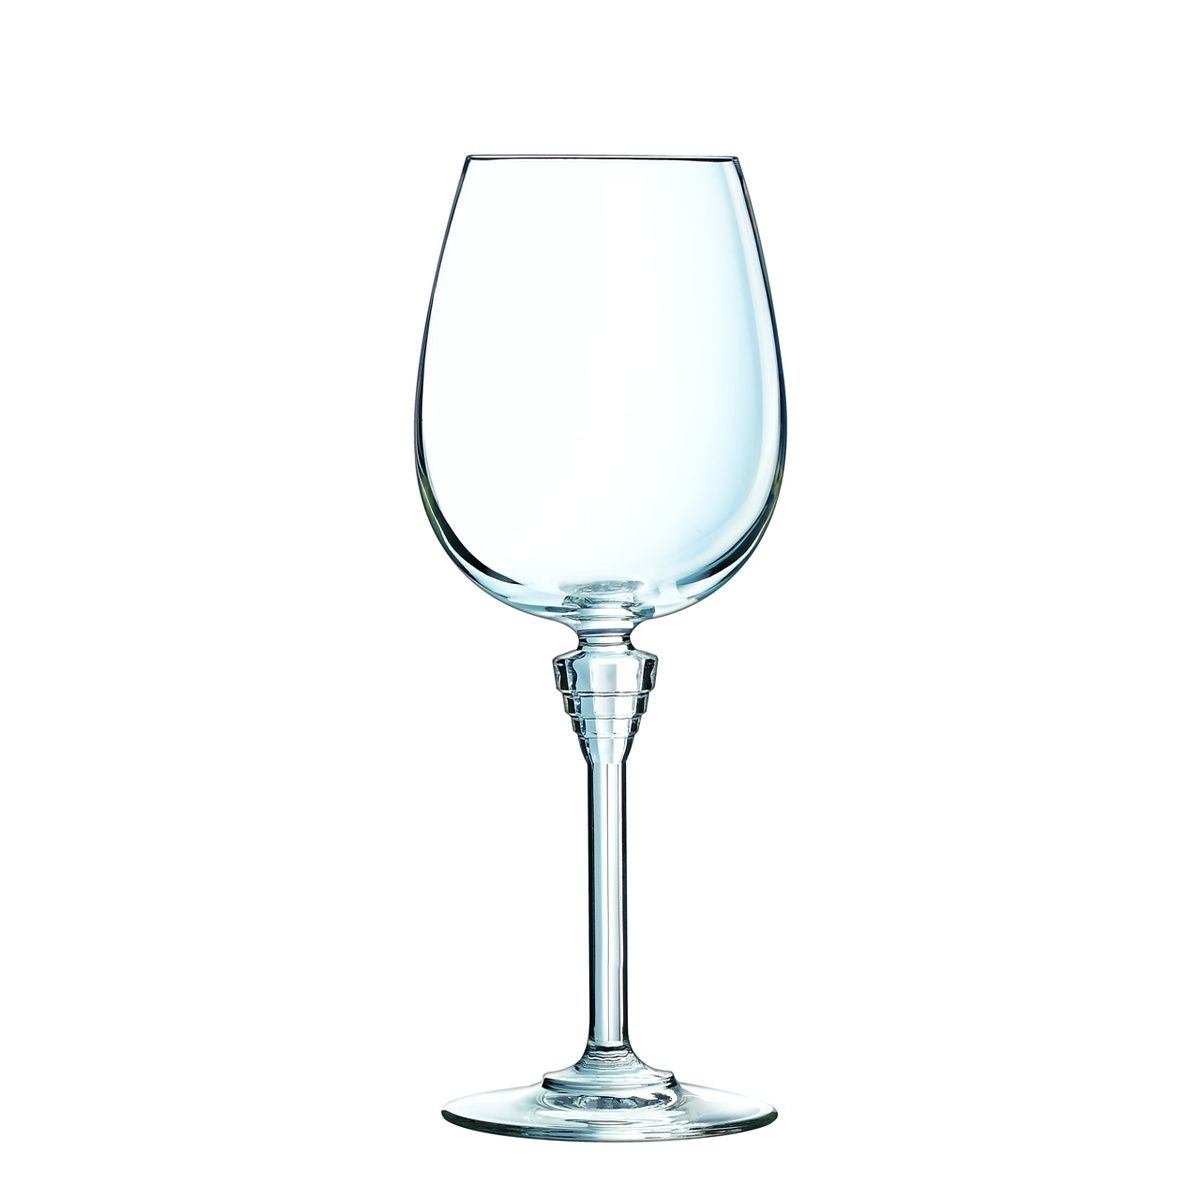 Купить со скидкой Набор бокалов для вина 6 шт. 450 мл. Cristal D'Arques